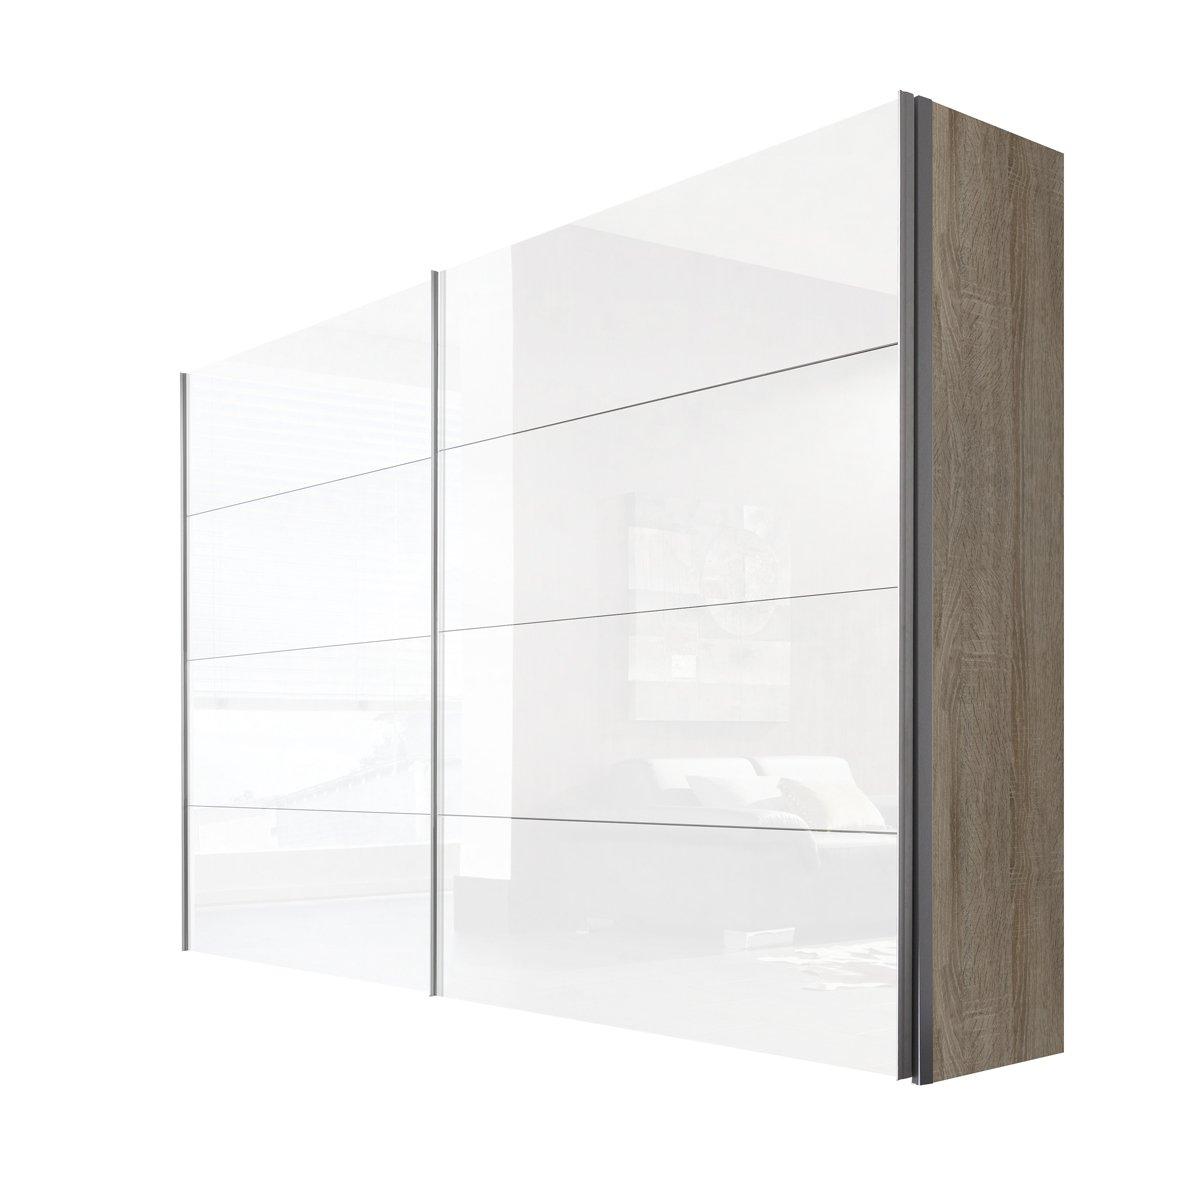 Solutions 47560-768 Schwebetürenschrank 2-türig, Korpus Sonoma-eiche, Front lack weiß, Griffleisten alufarben, 68 x 300 x 216 cm